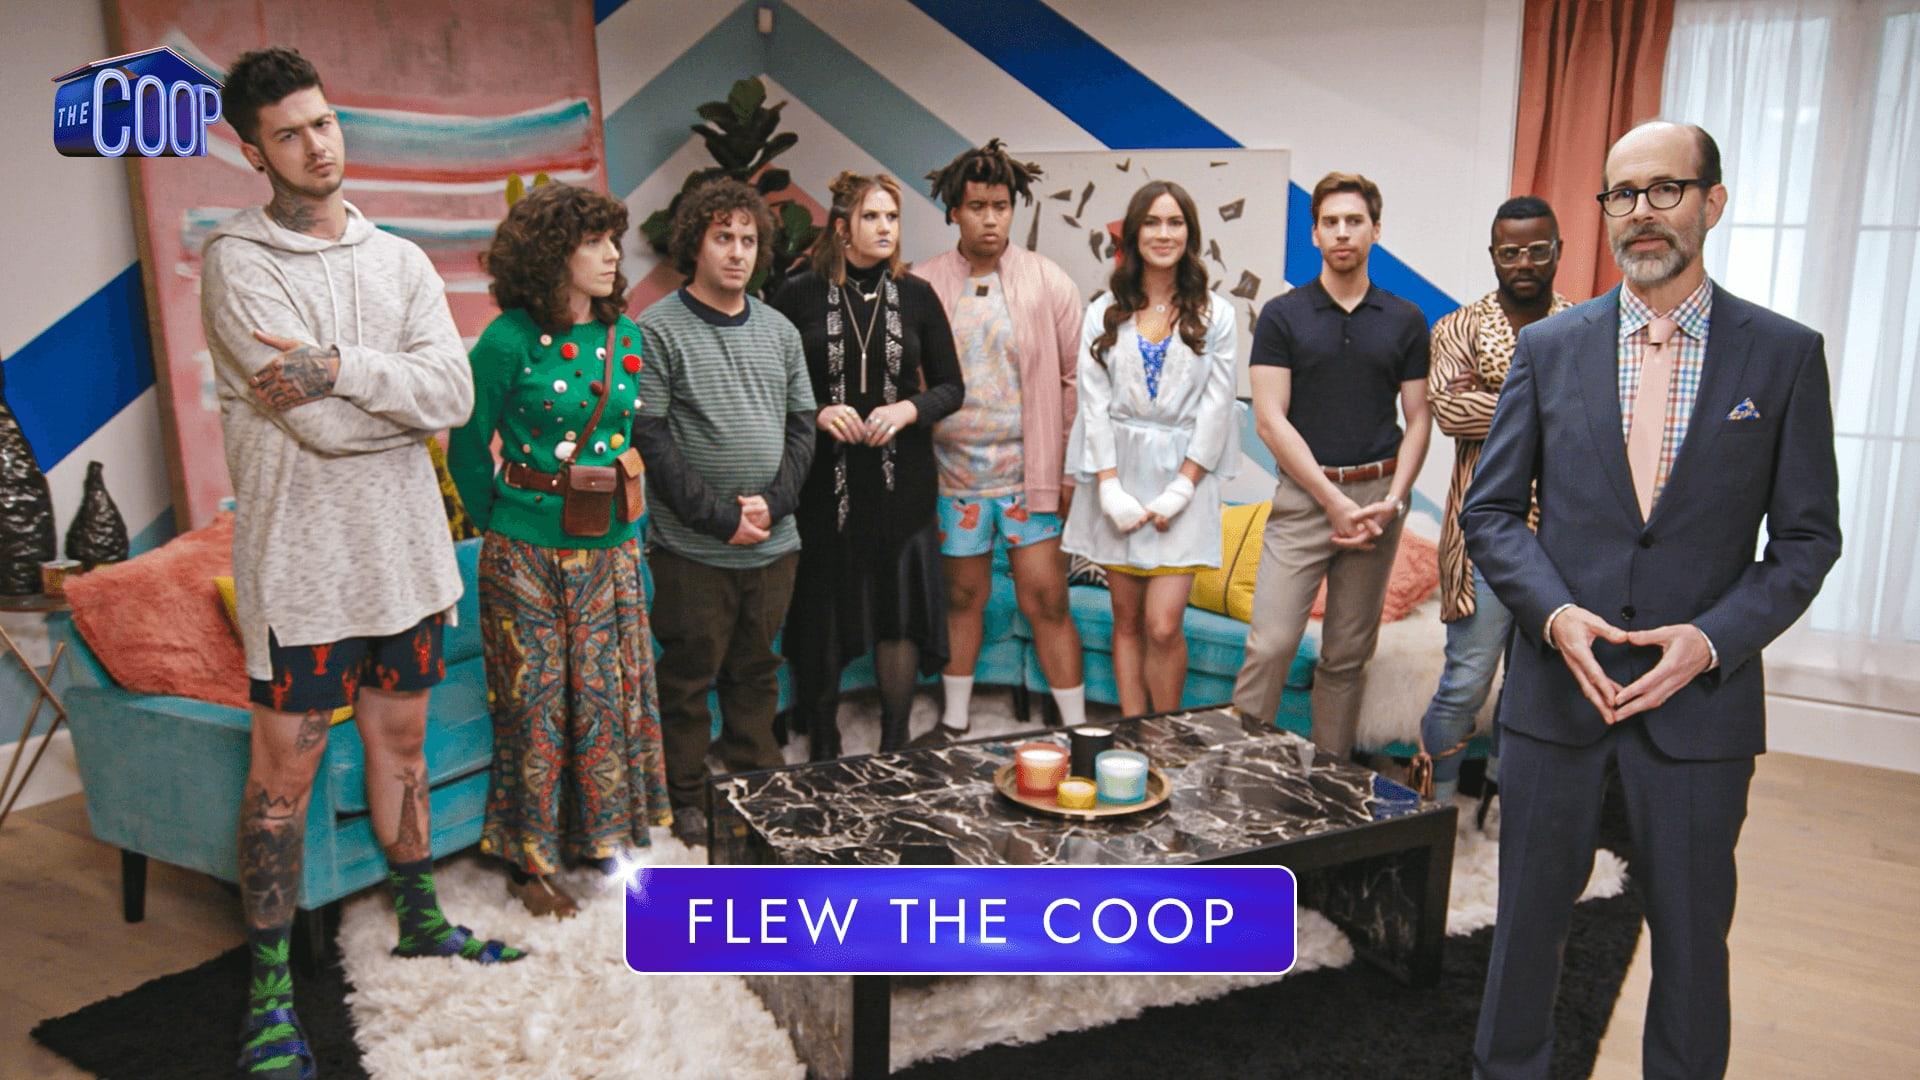 eko - The Coop - Flew The Coop